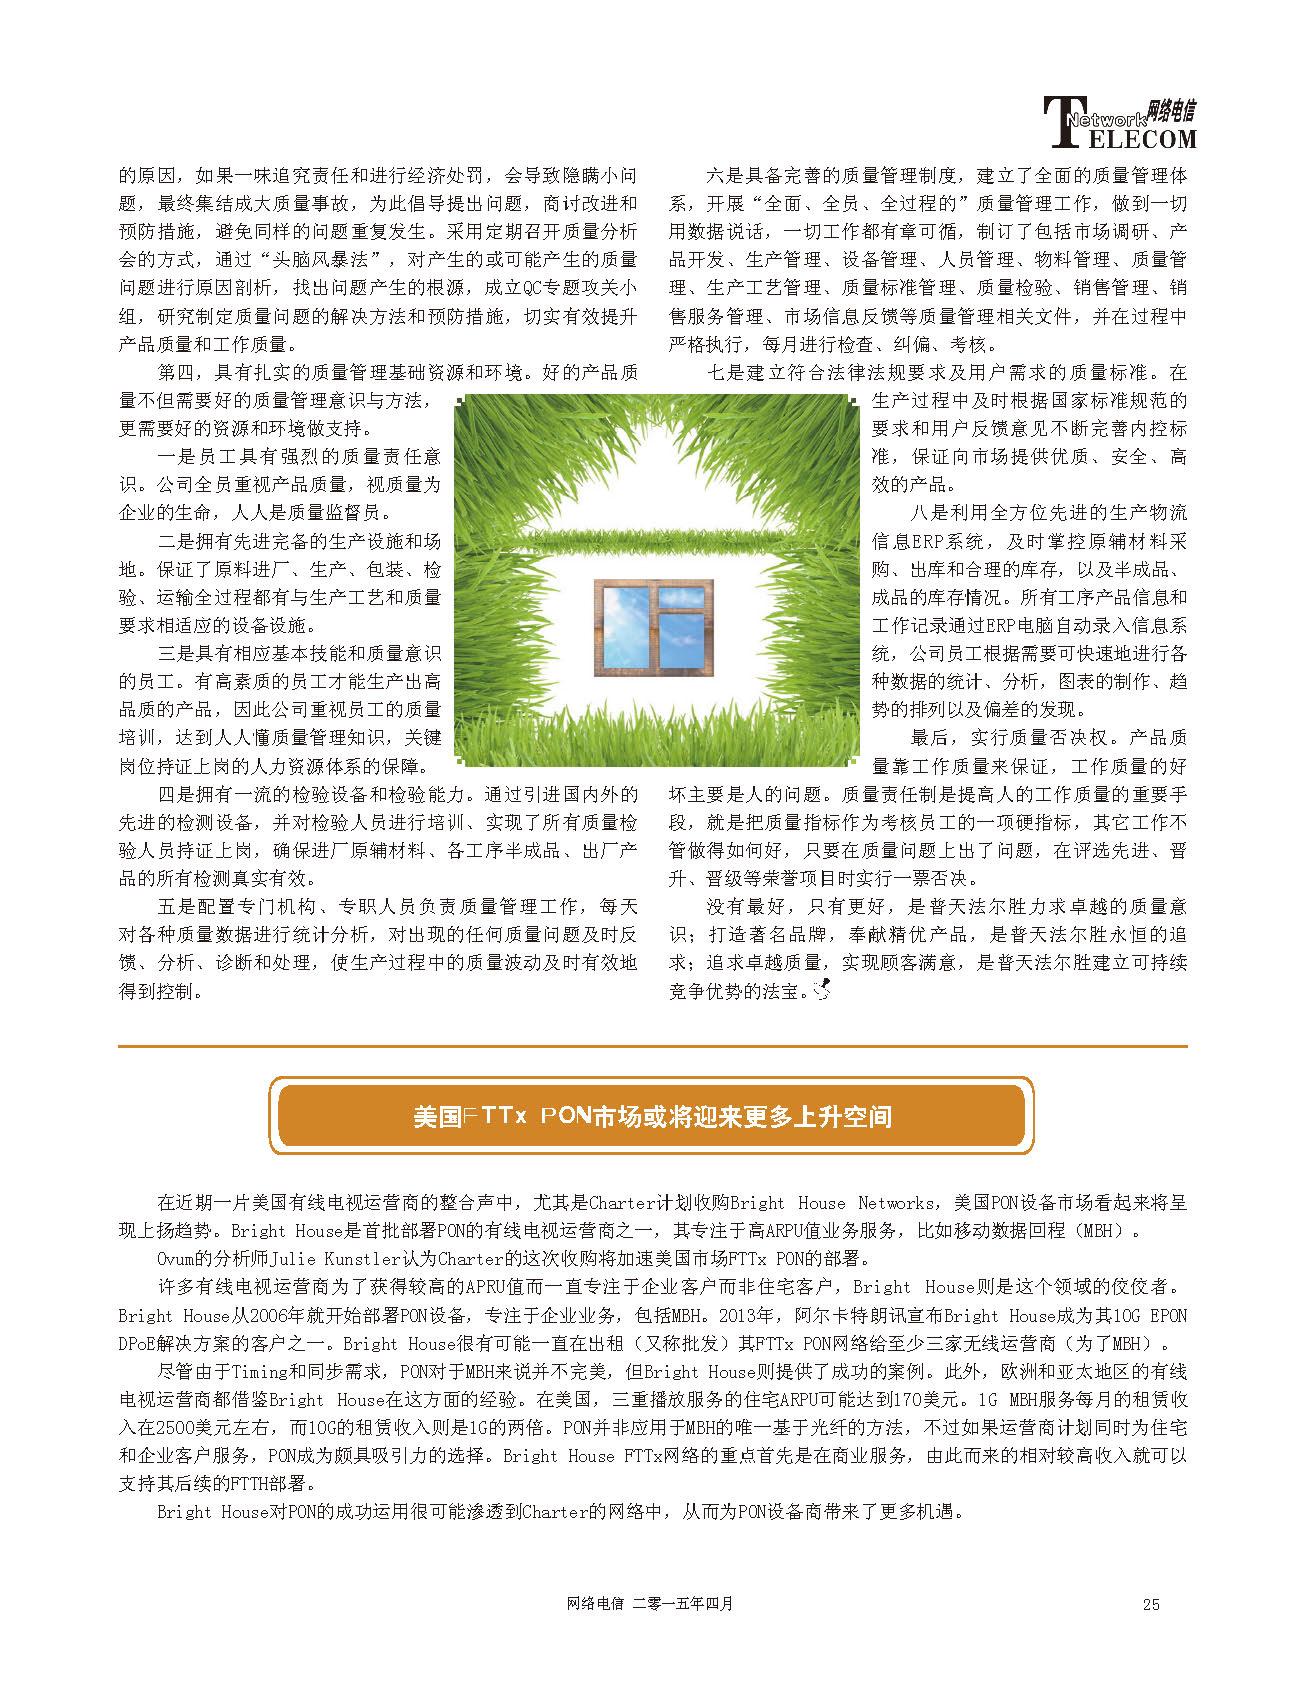 电信2015-04_页面_25.jpg